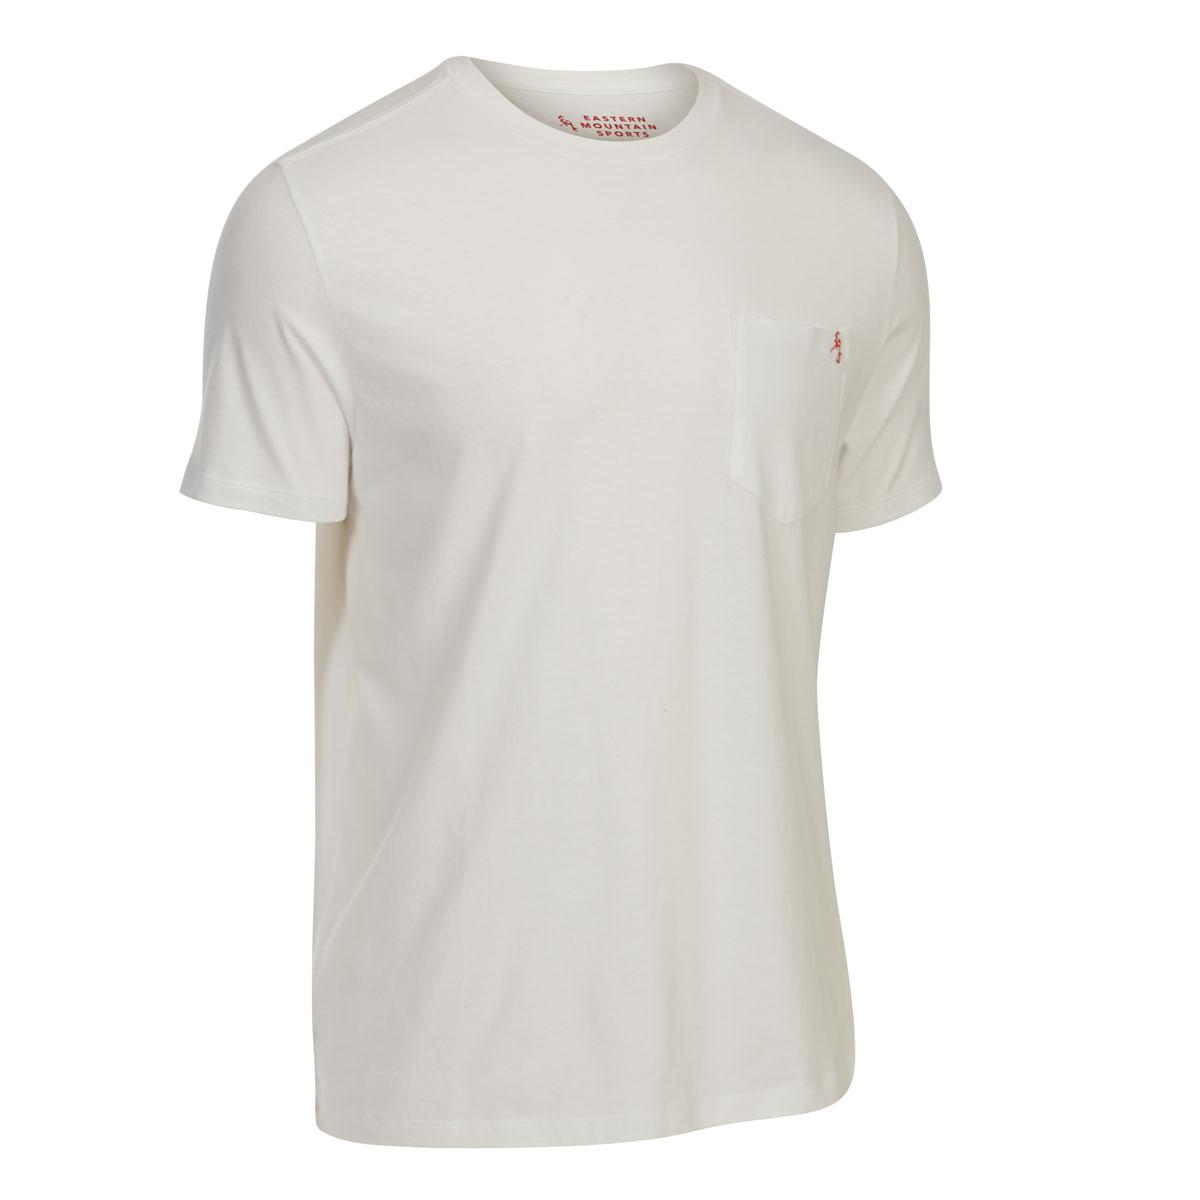 Ems Men's Organic Pocket Short-Sleeve Tee - White, M